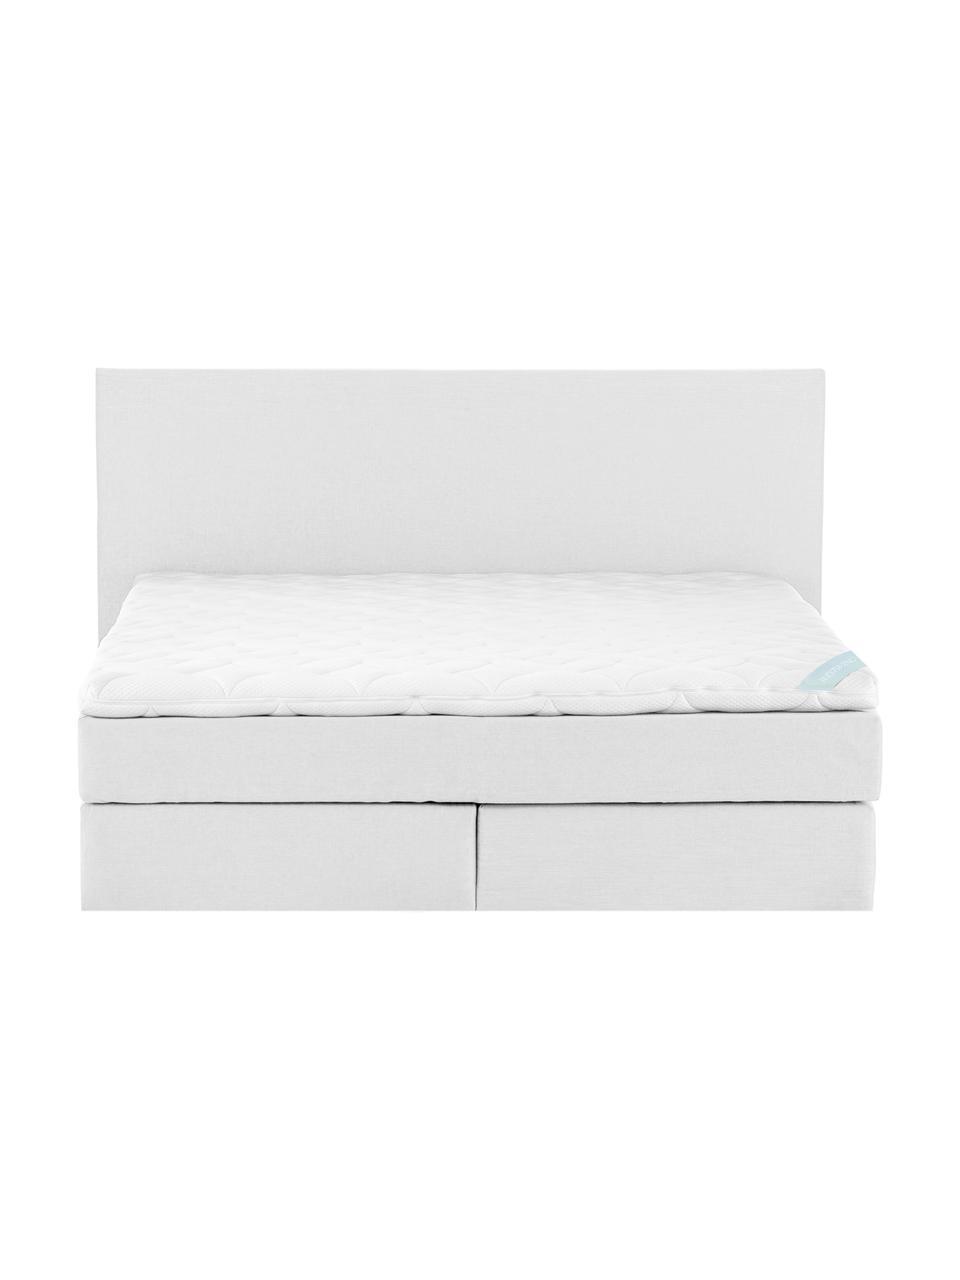 Łóżko kontynentalne premium Eliza, Nogi: lite drewno bukowe, lakie, Jasny szary, 200 x 200 cm